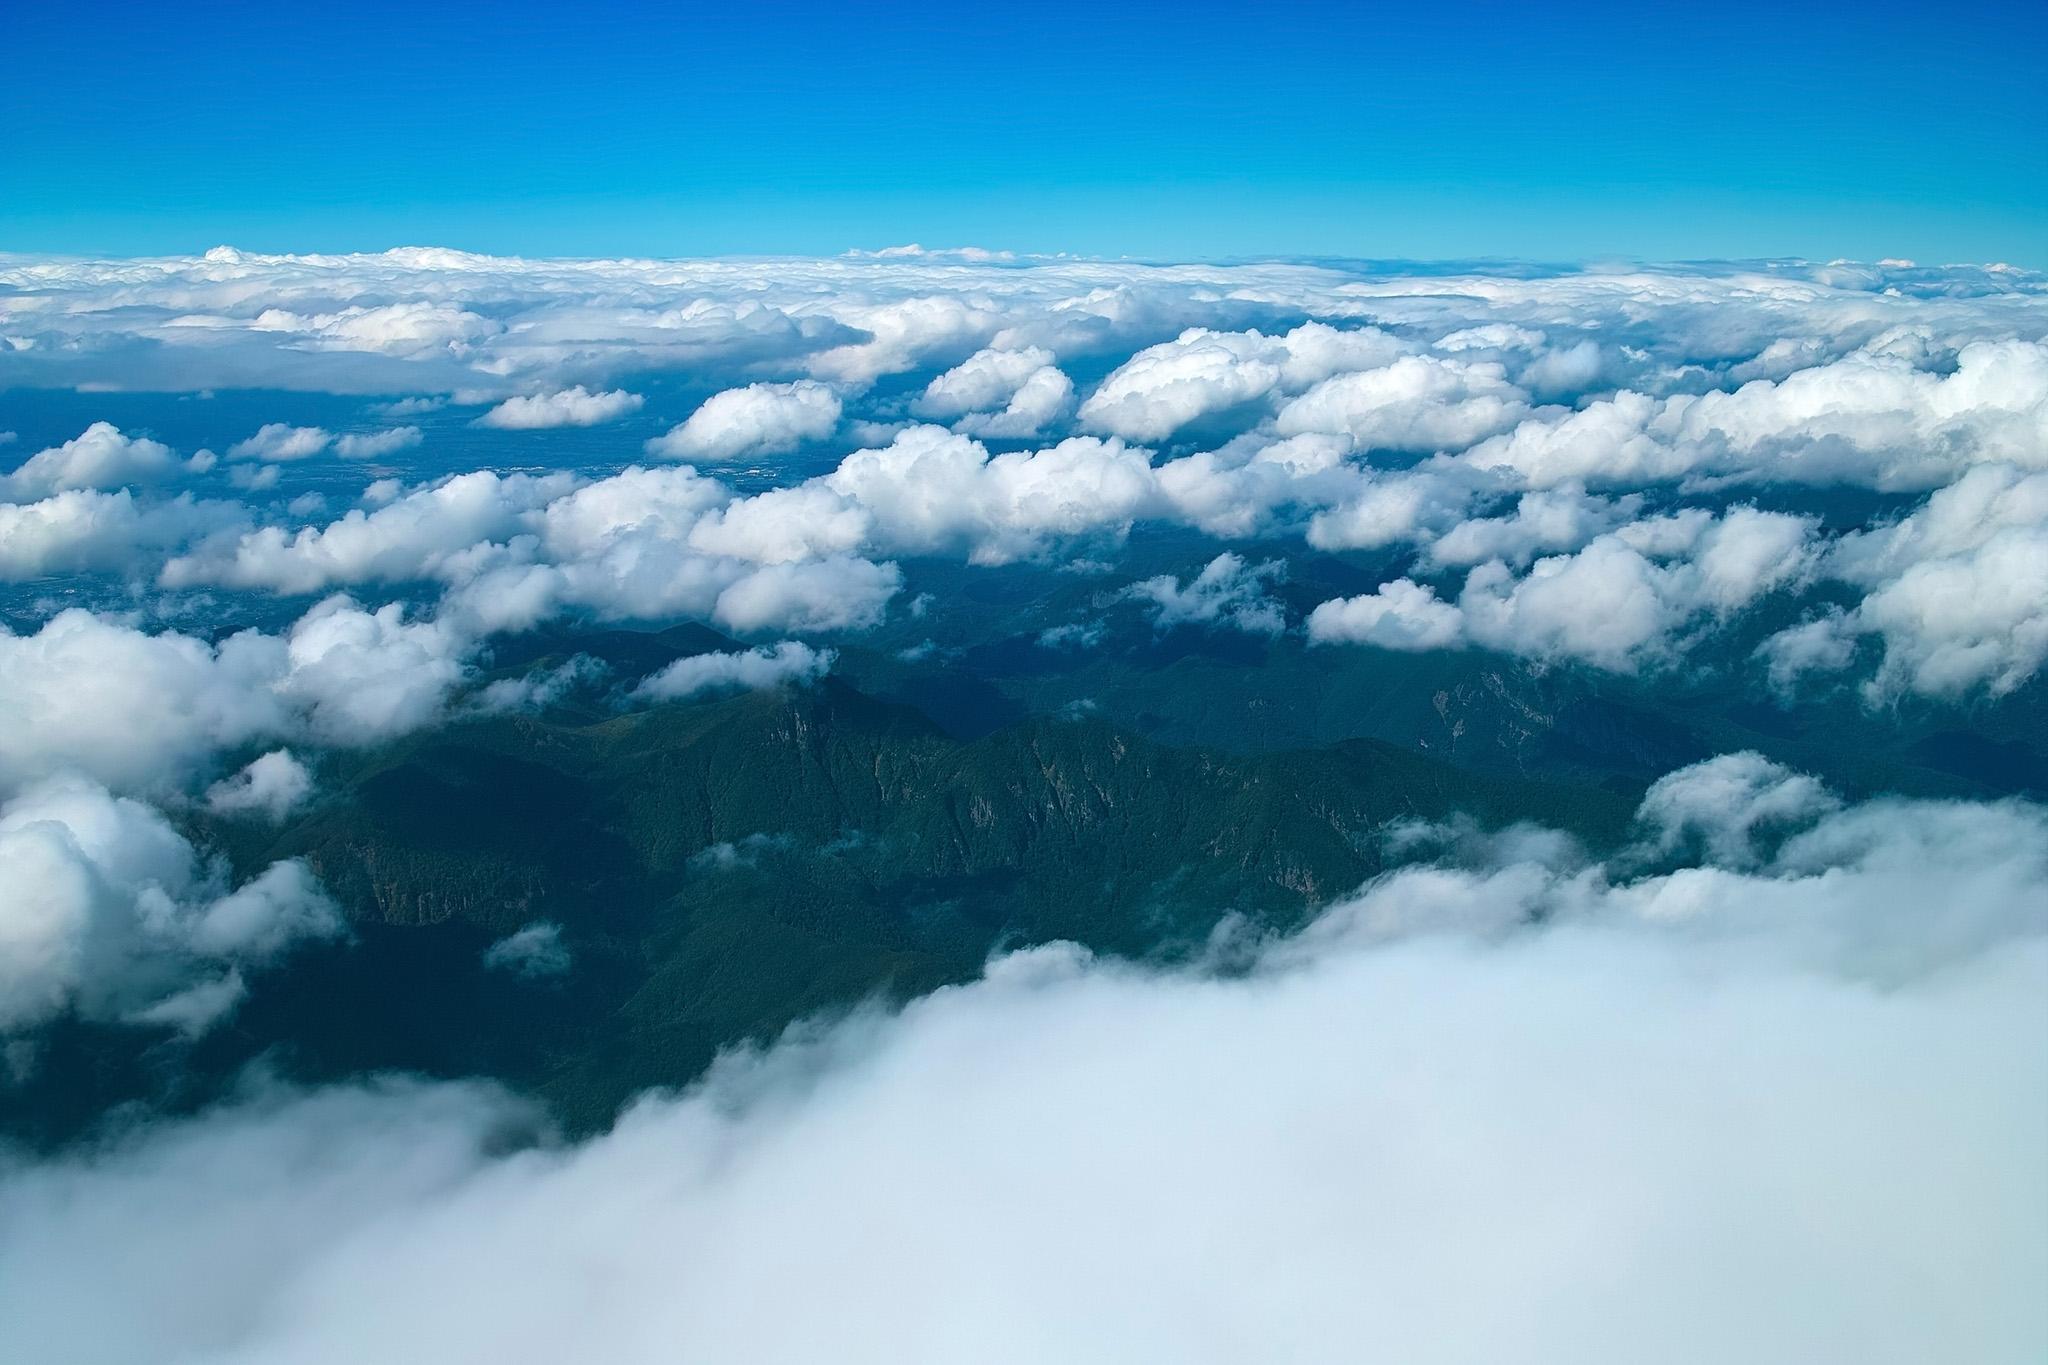 「雲の下の神々しい山の景色」の画像を無料ダウンロード